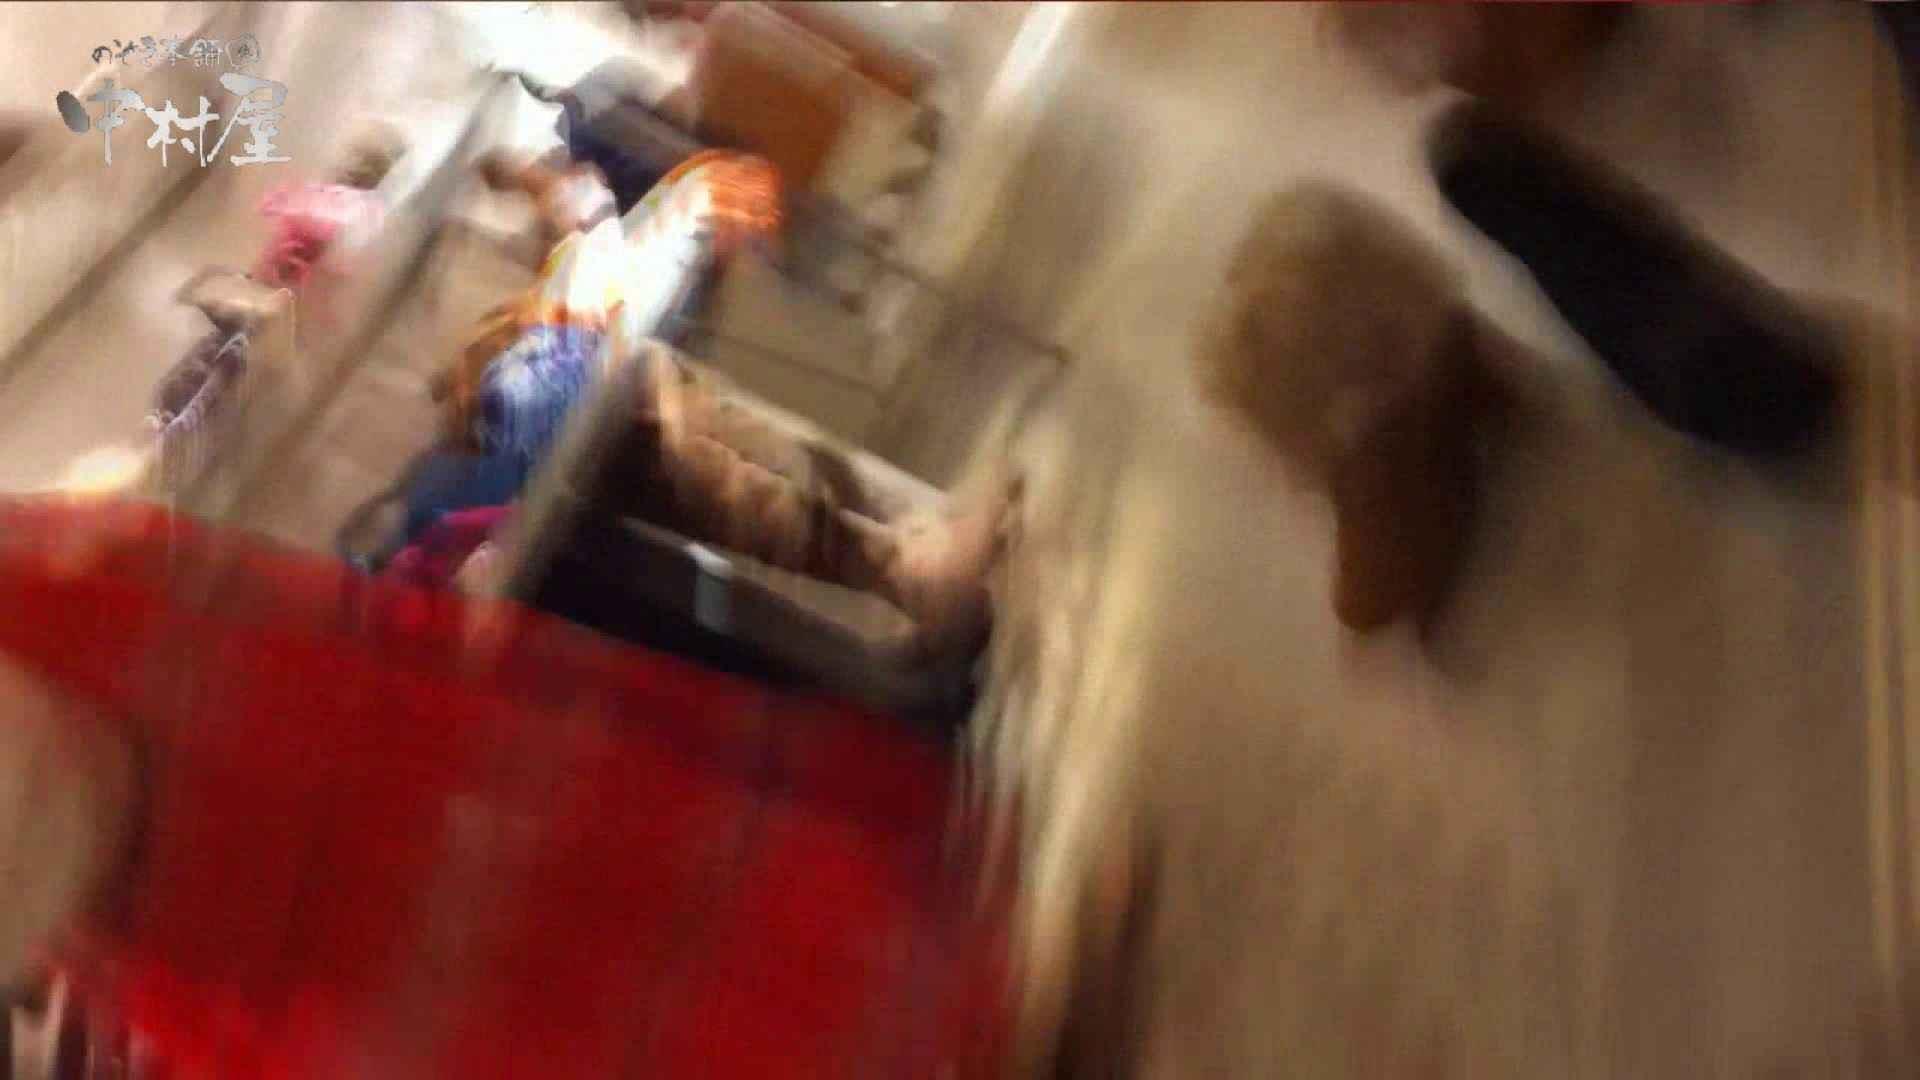 vol.84 美人アパレル胸チラ&パンチラ 帽子オネェさんに胸元アタック! OLエロ画像 盗み撮りAV無料動画キャプチャ 51PICs 32